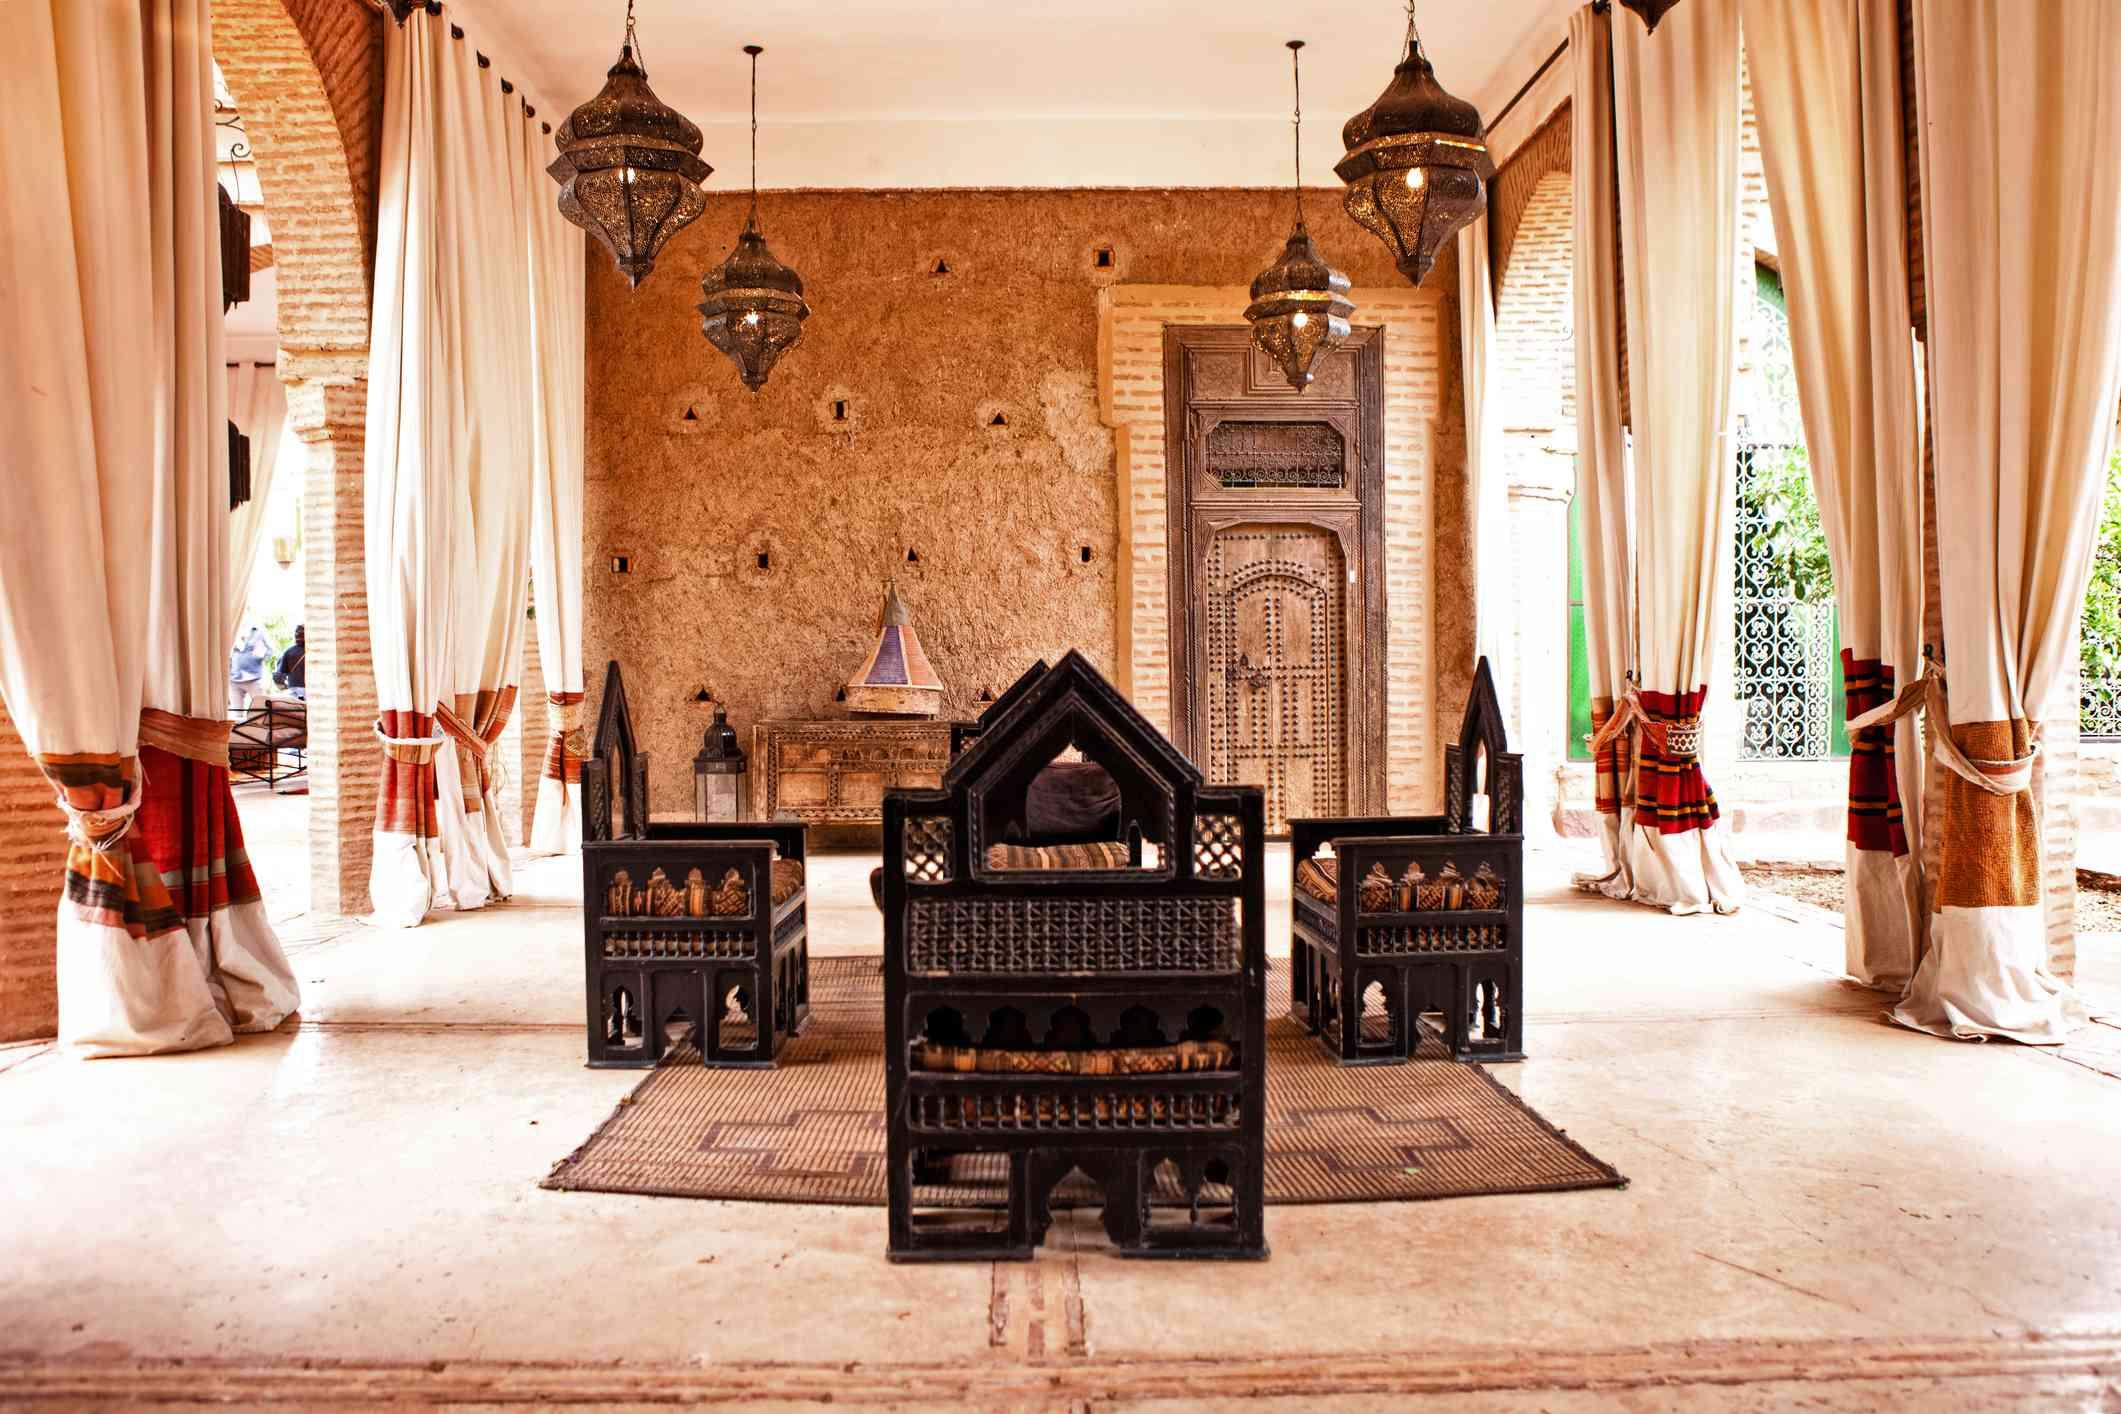 Moroccan style indoor outdoor living room